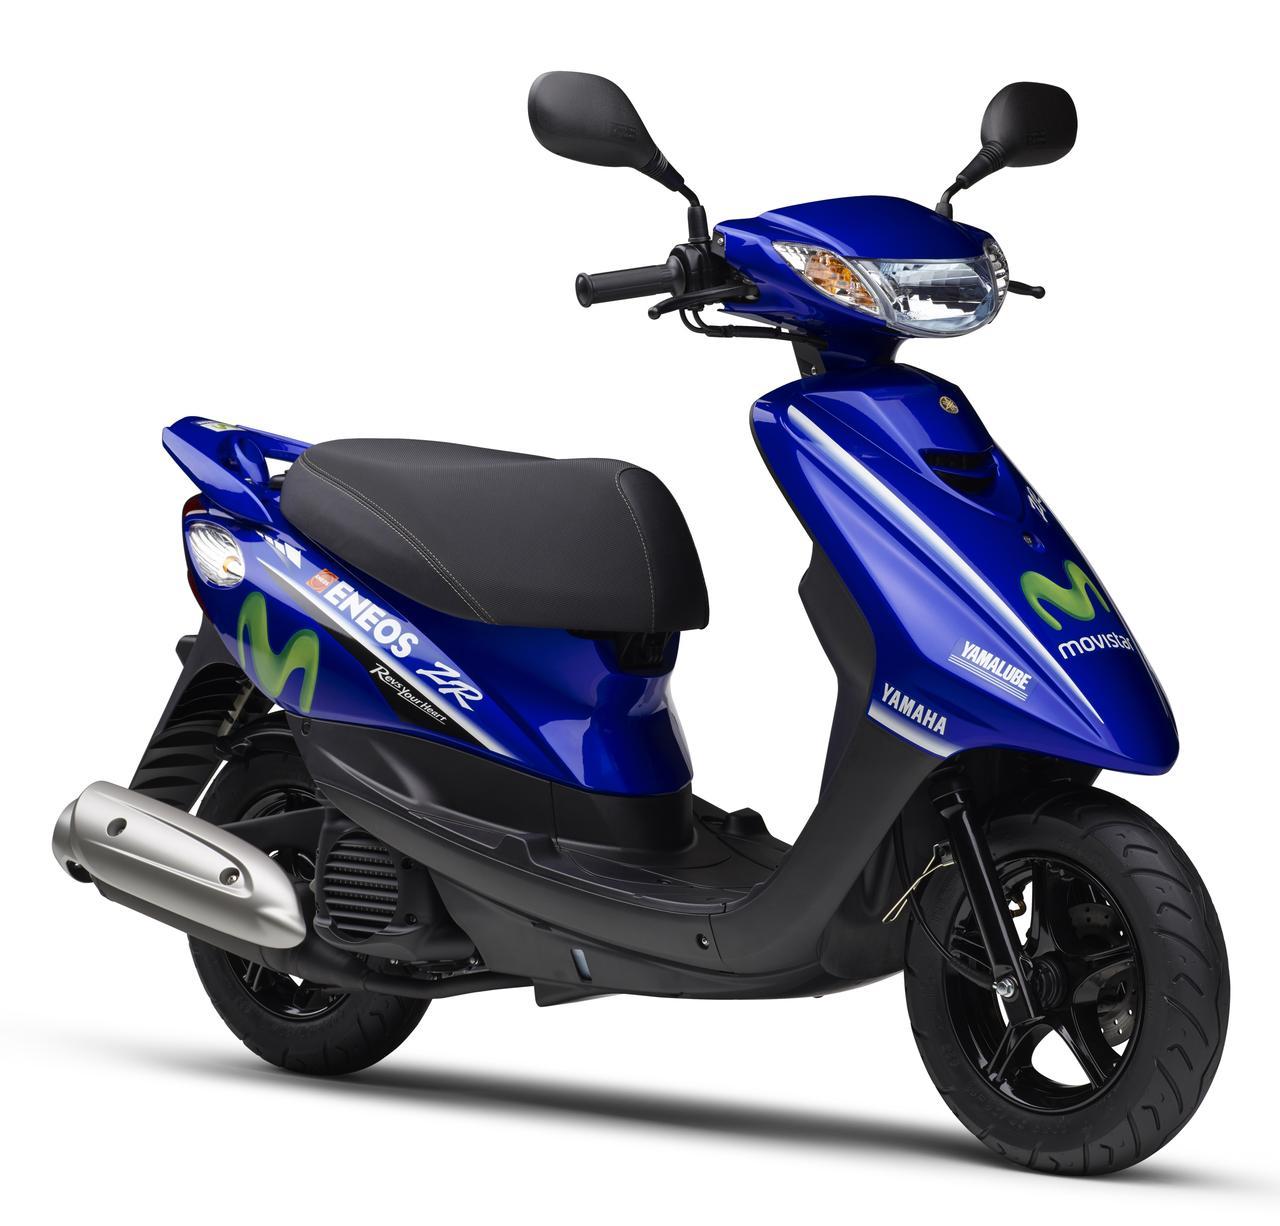 画像: 「ジョグ CE50ZR」Movistar Yamaha MotoGP Edition ■価格:21万600円 ■発売日:2017年9月29日